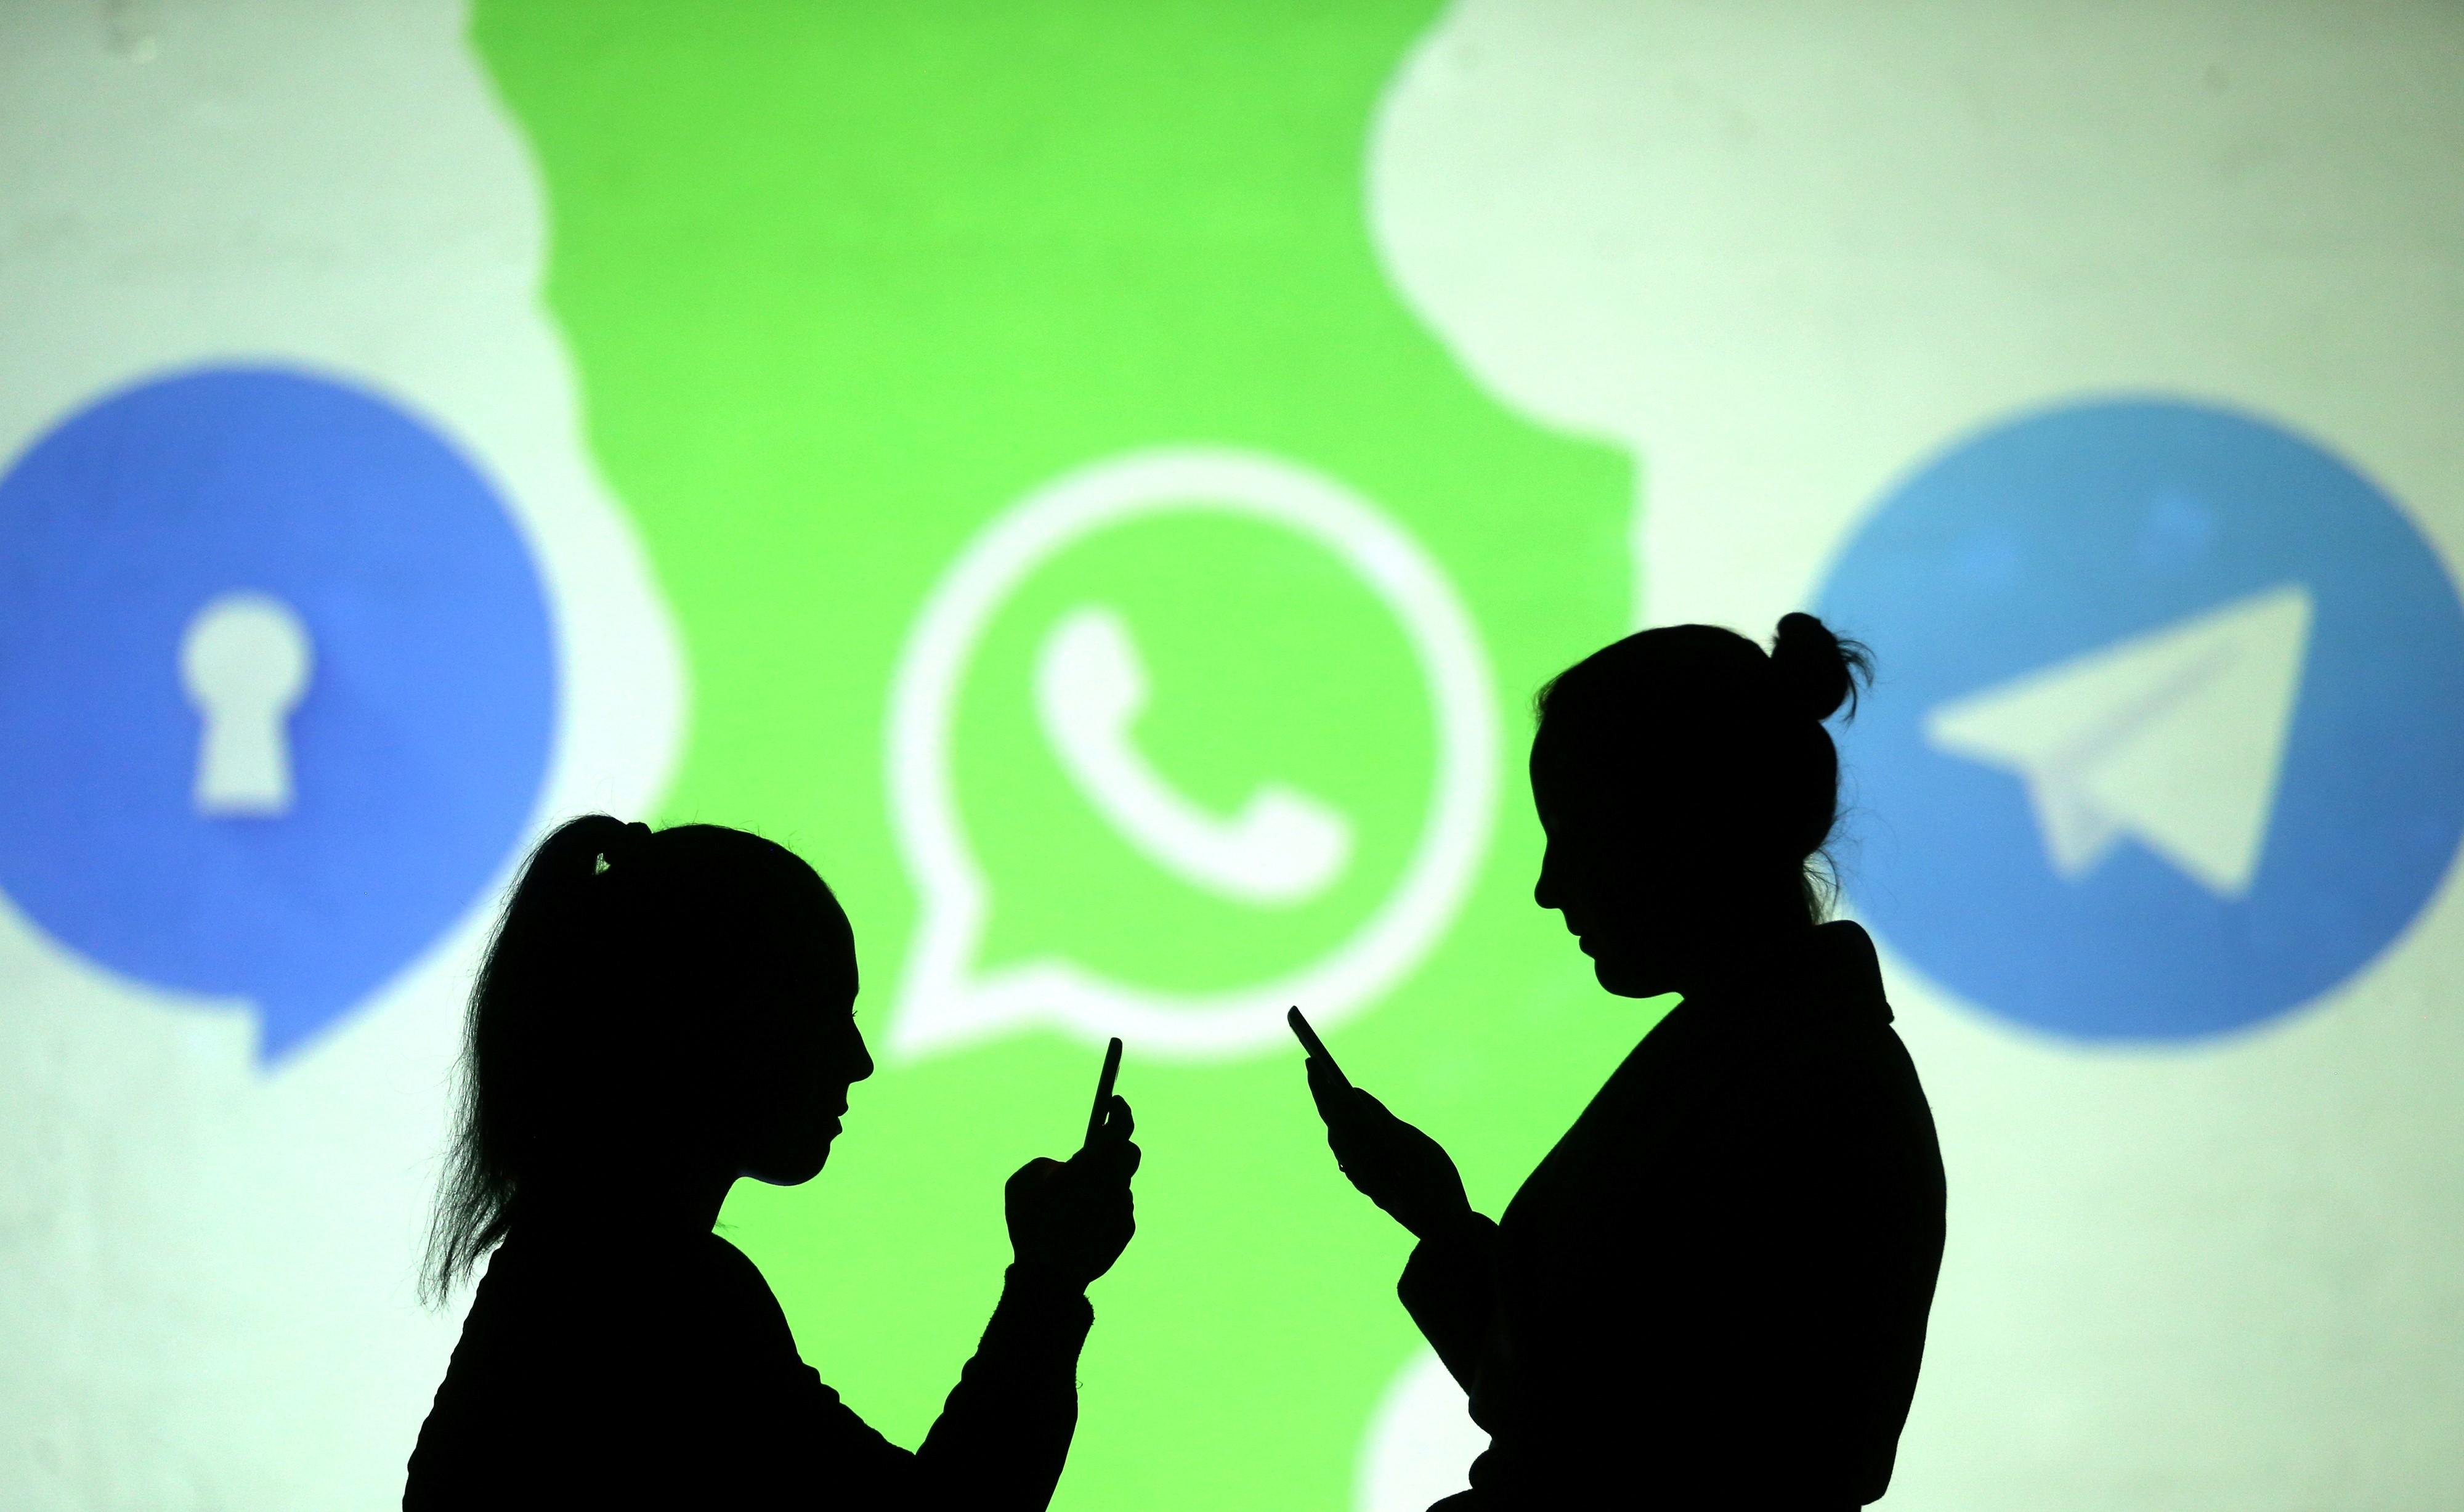 App de mensagens Signal apresenta instabilidade nesta sexta